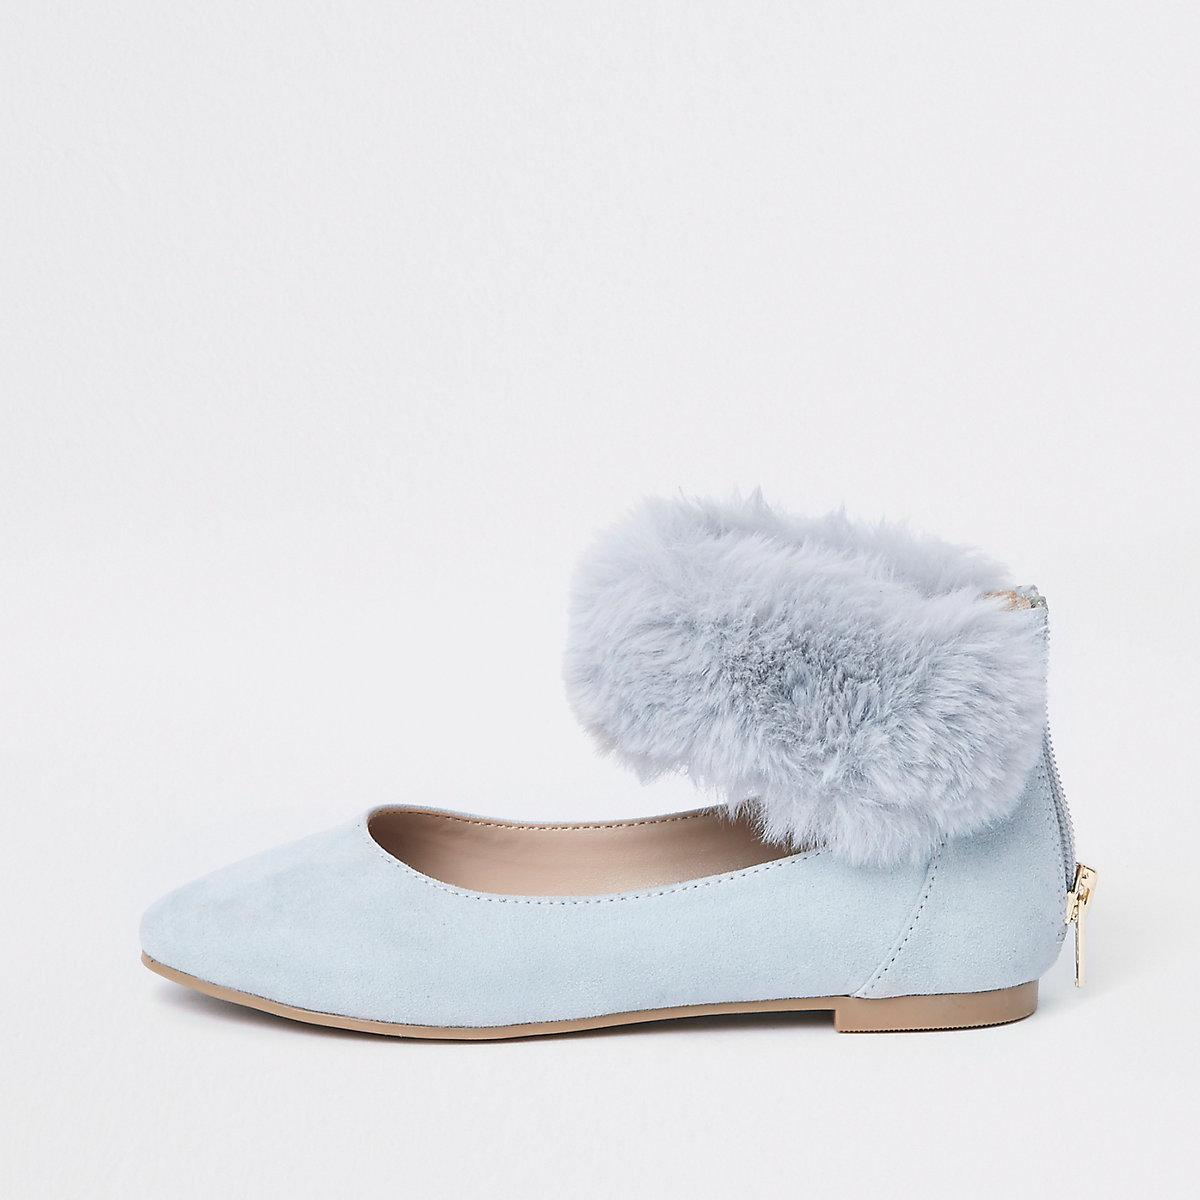 Girls blue faux fur ballerina pumps